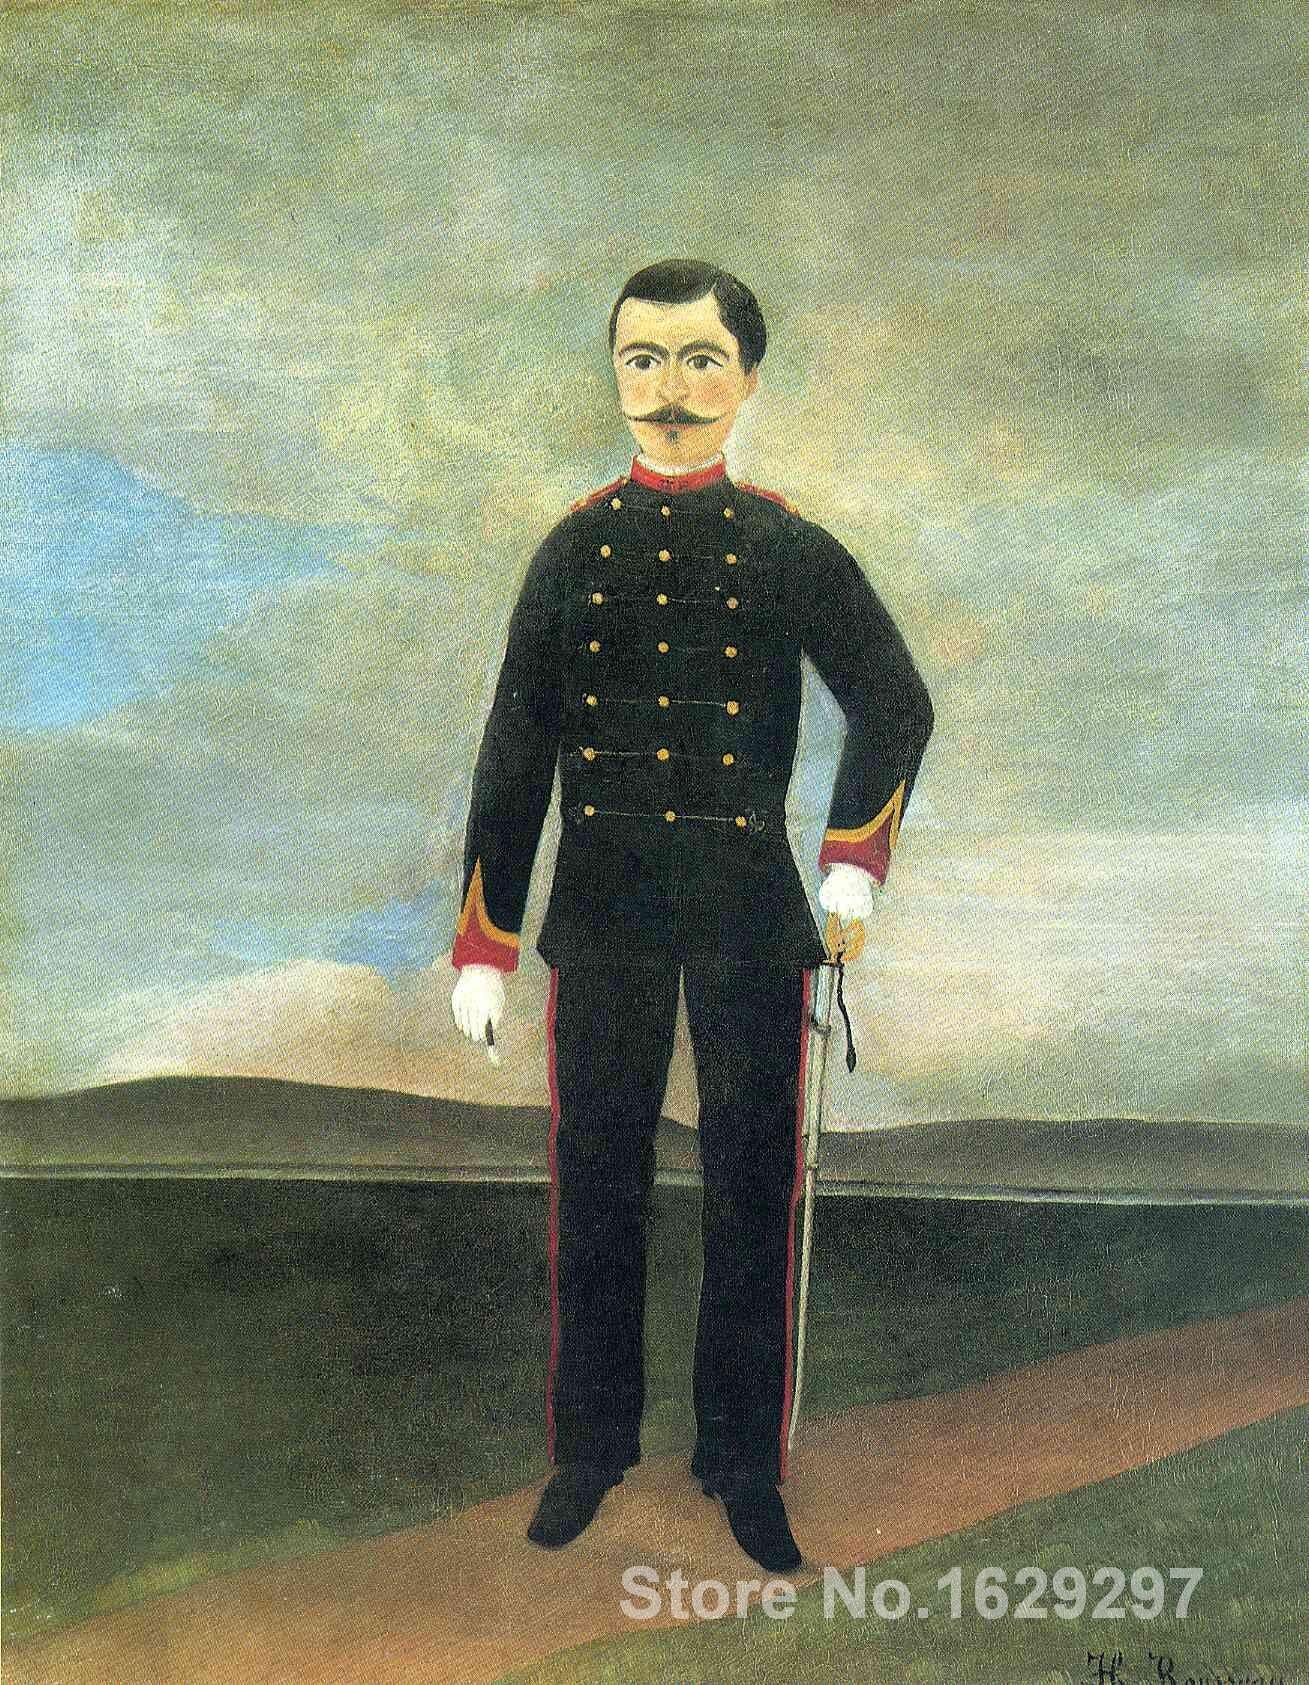 Art à vendre maréchal des Logis Frumence Biche de la 35th artillerie d'henri Rousseau toile fait main de haute qualité